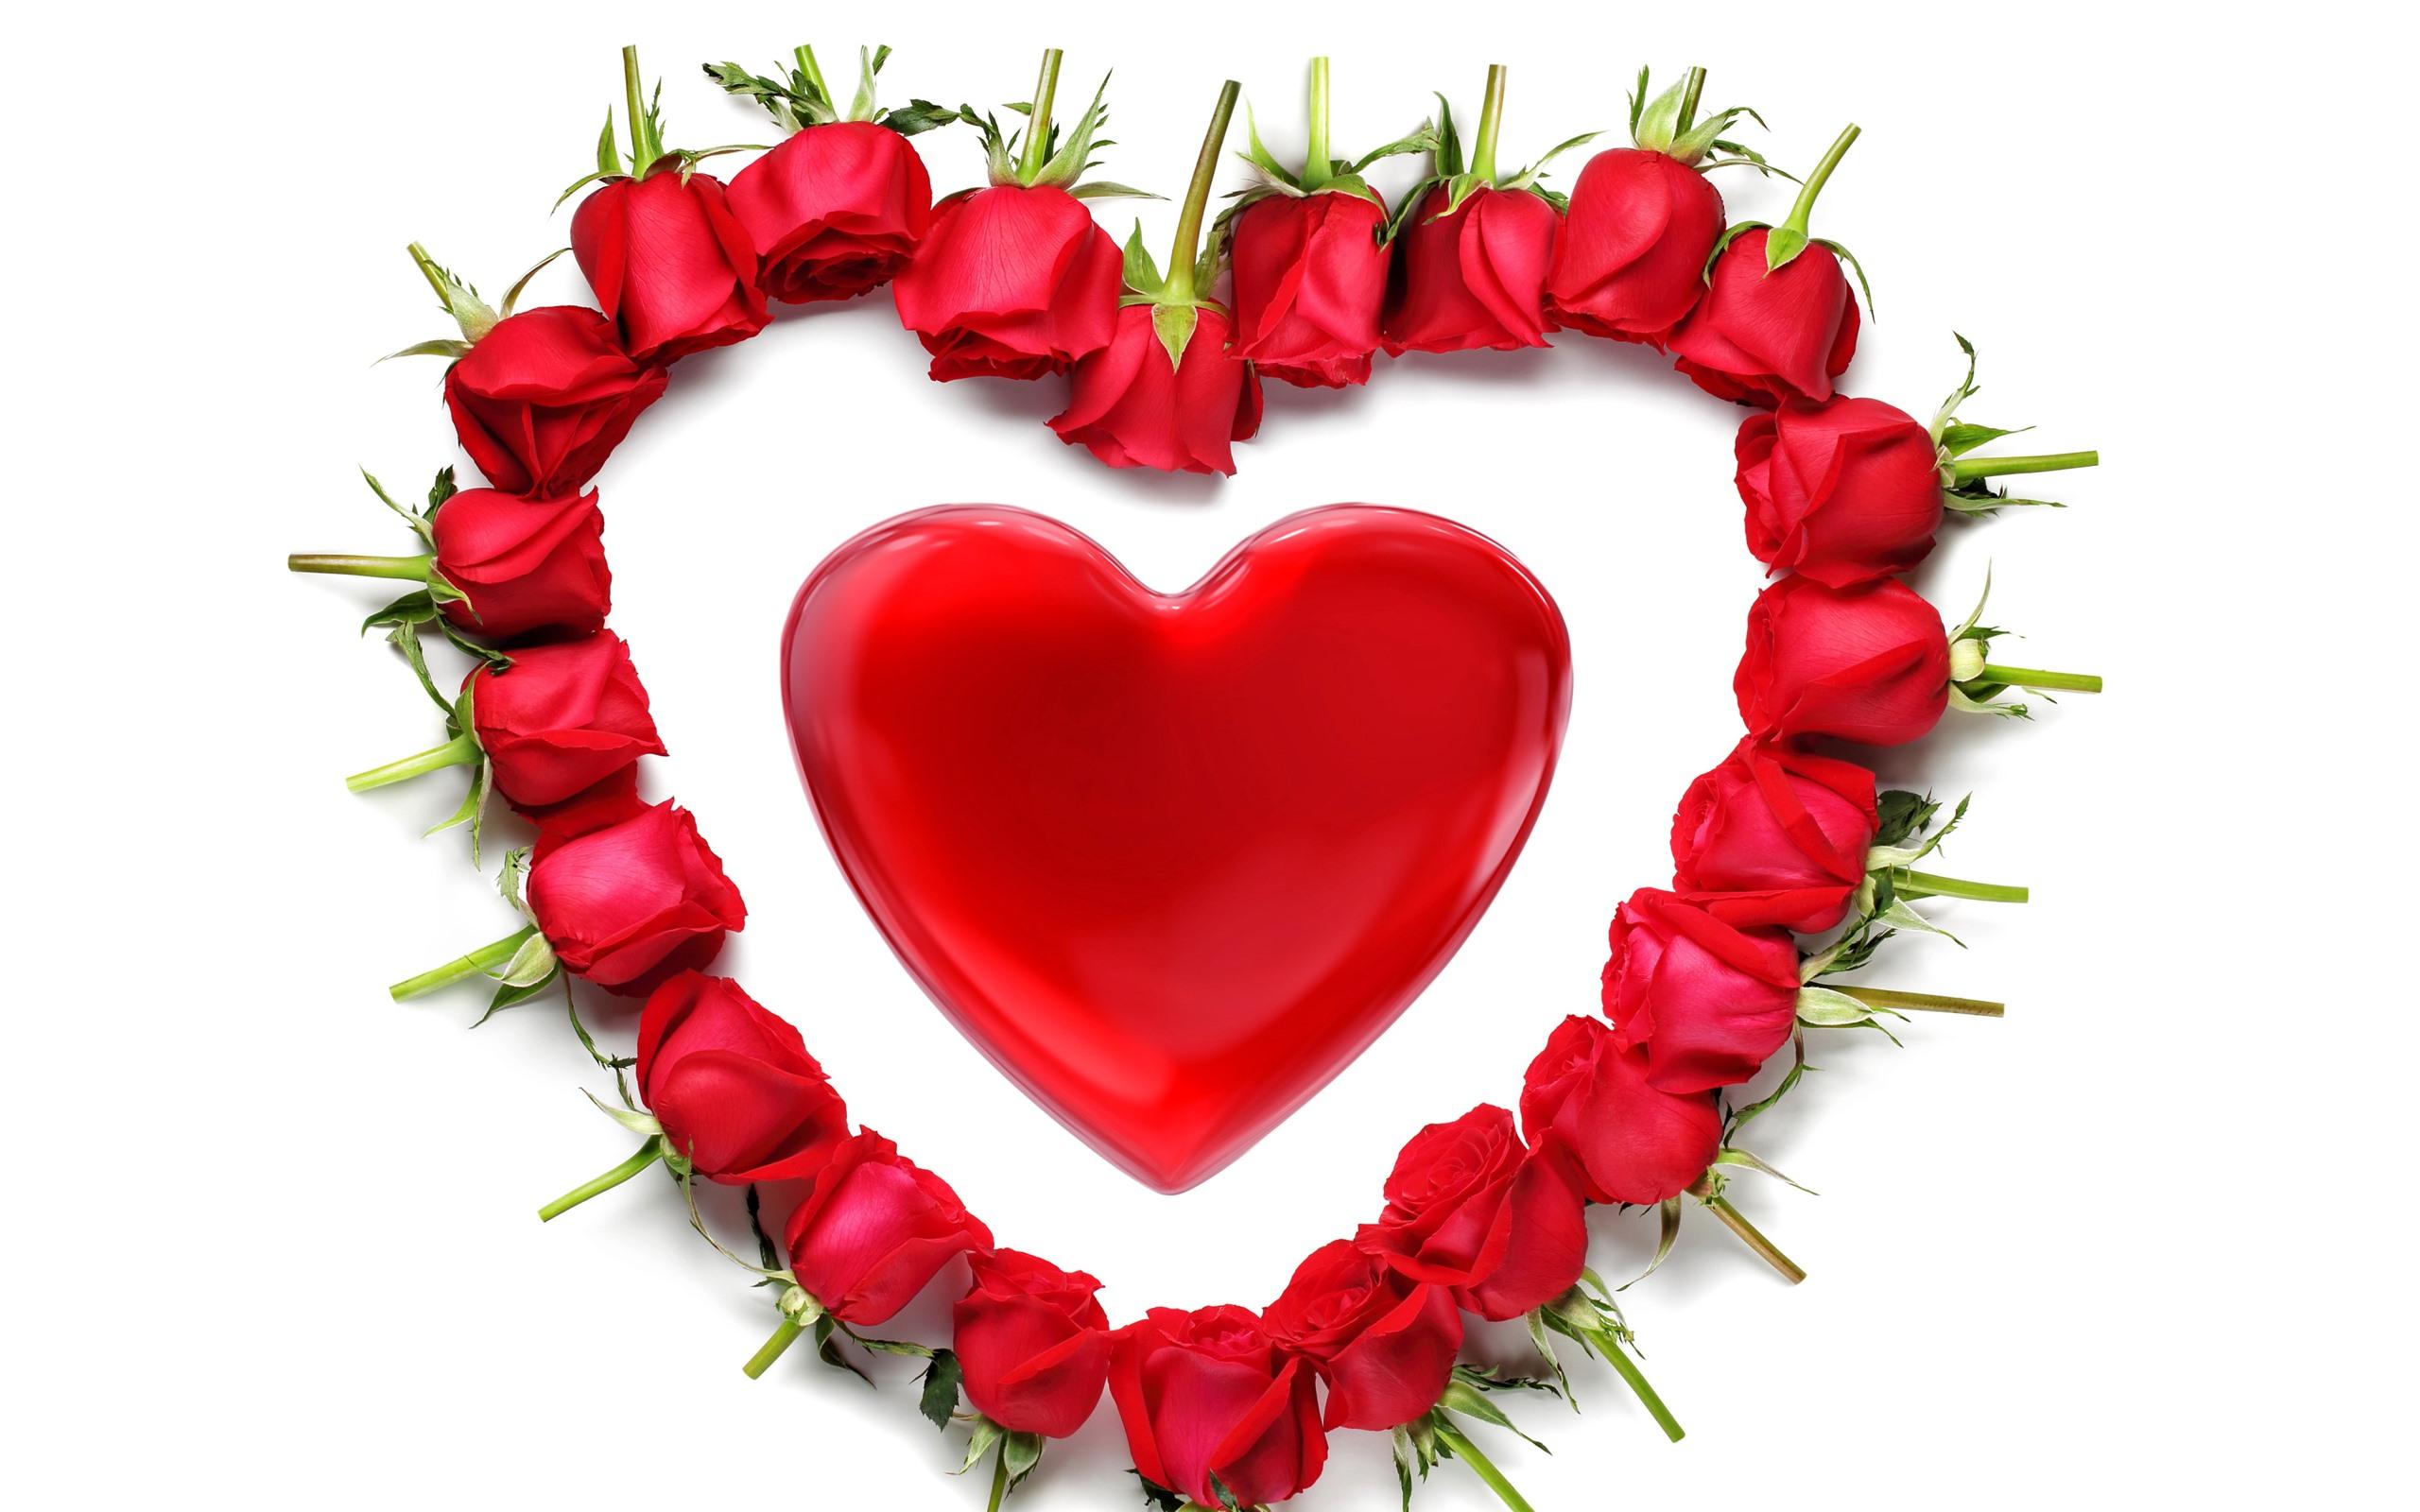 качественные картинки сердца собрана